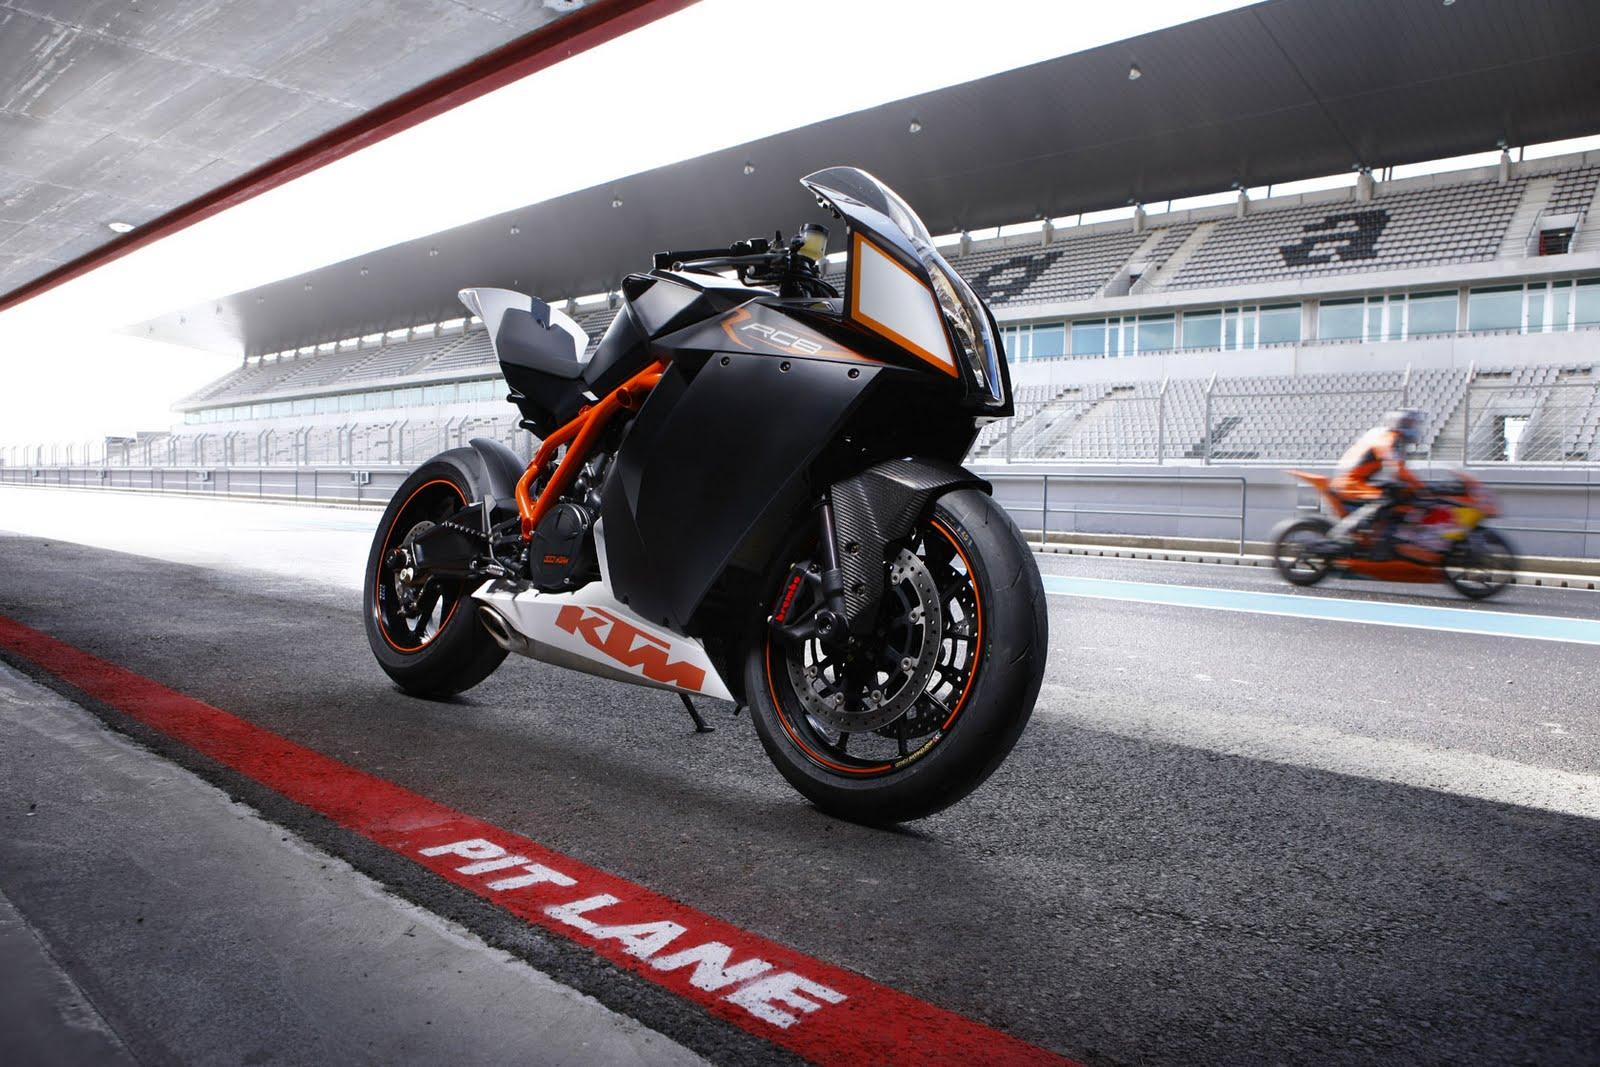 2010 ktm 1190 rc8 r superbike motorcycle wallpapers. Black Bedroom Furniture Sets. Home Design Ideas